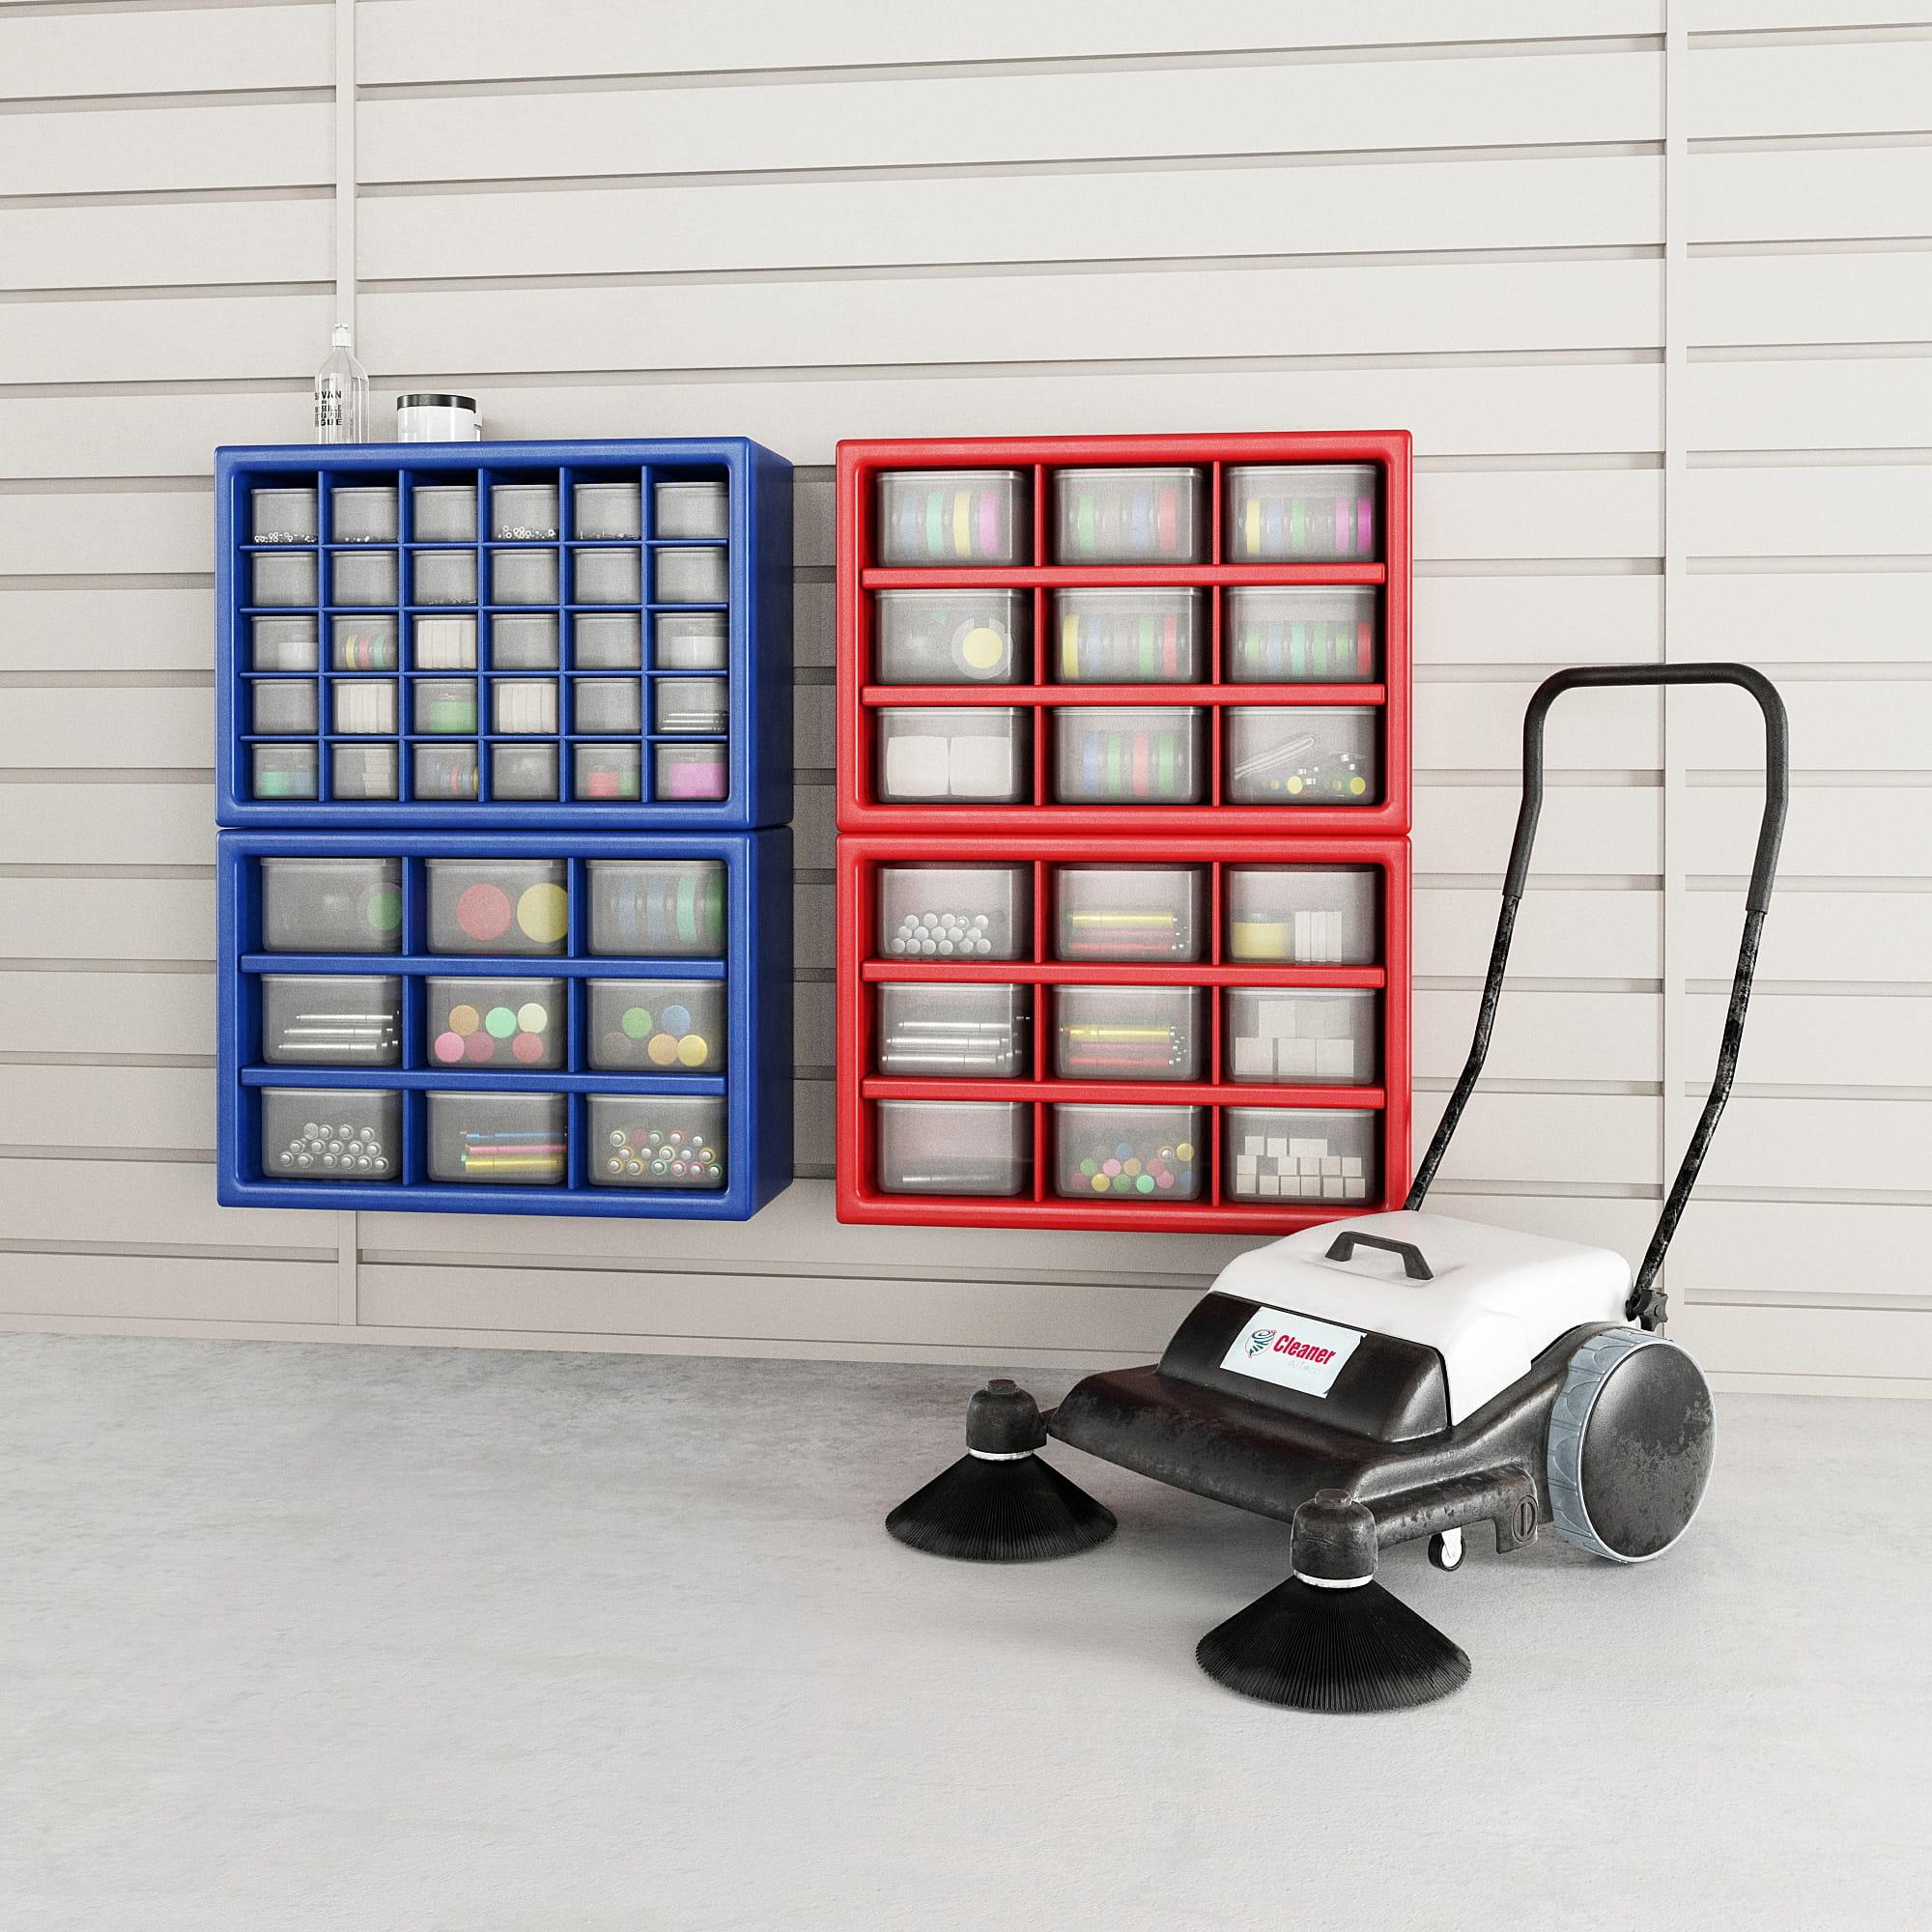 garage equipment 9 AM222 Archmodels